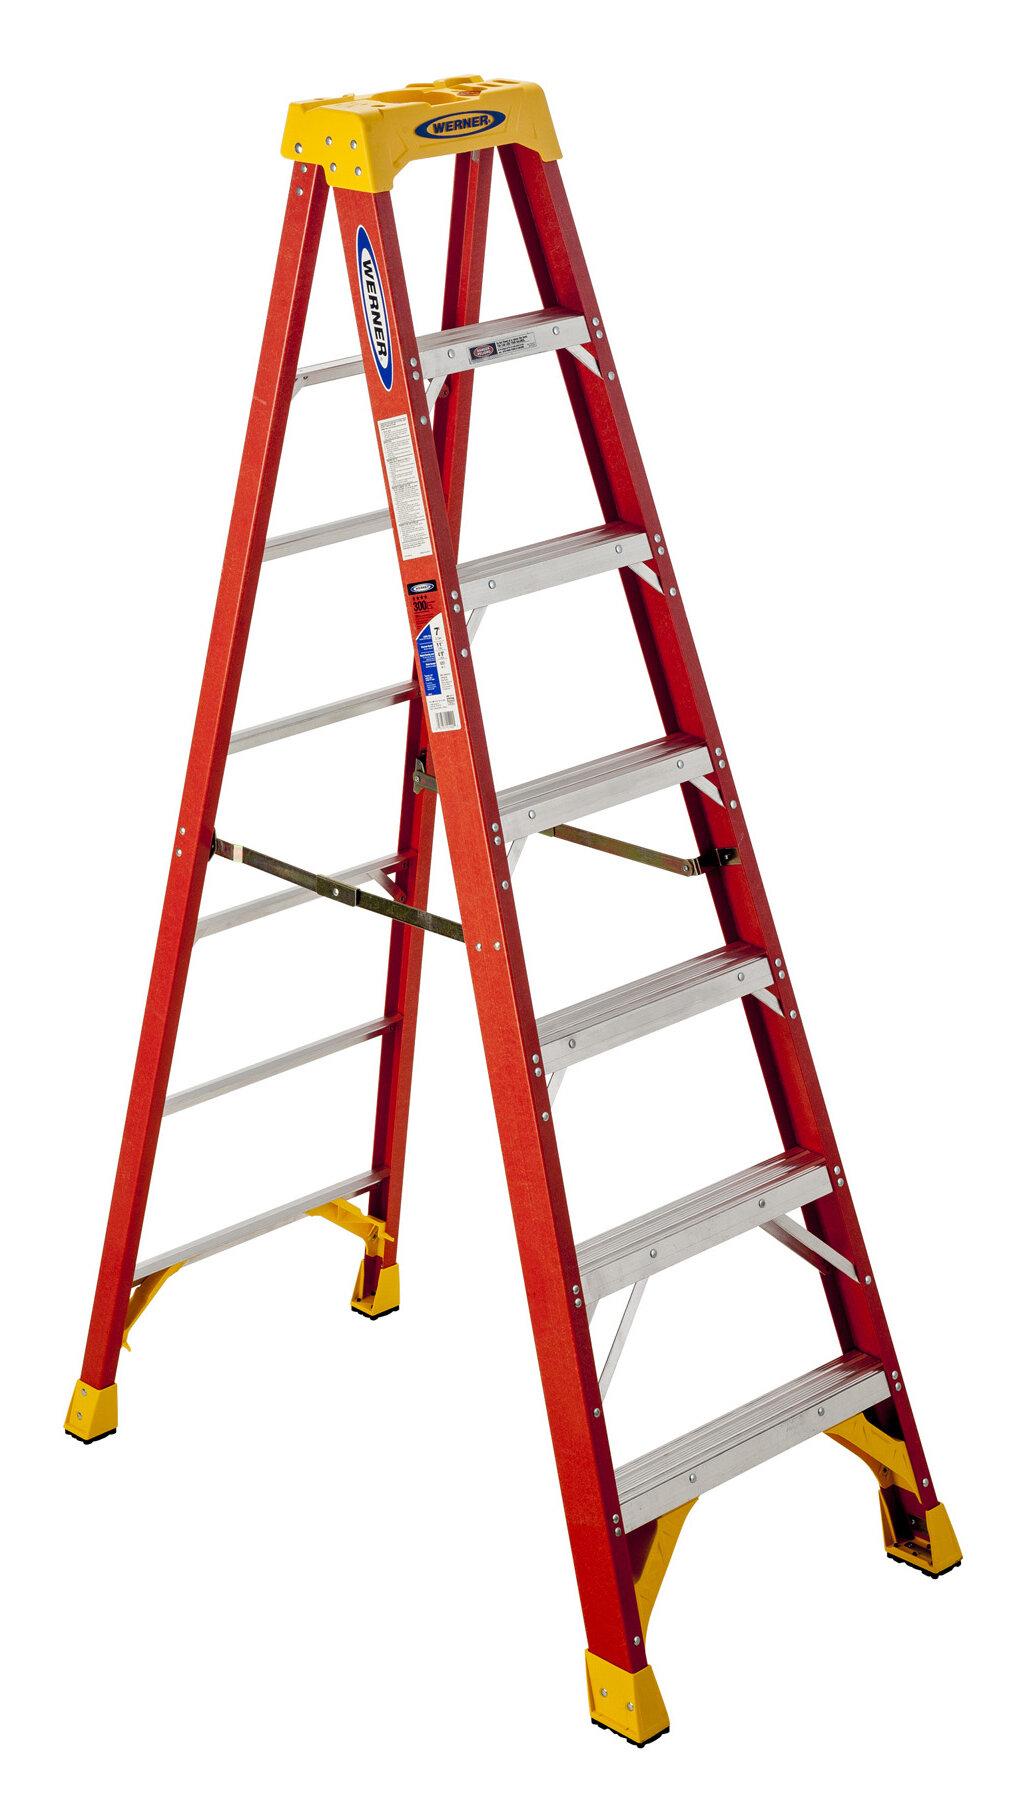 Werner 7 Ft Fiberglass Limit Step Ladder With 300 Lb Load